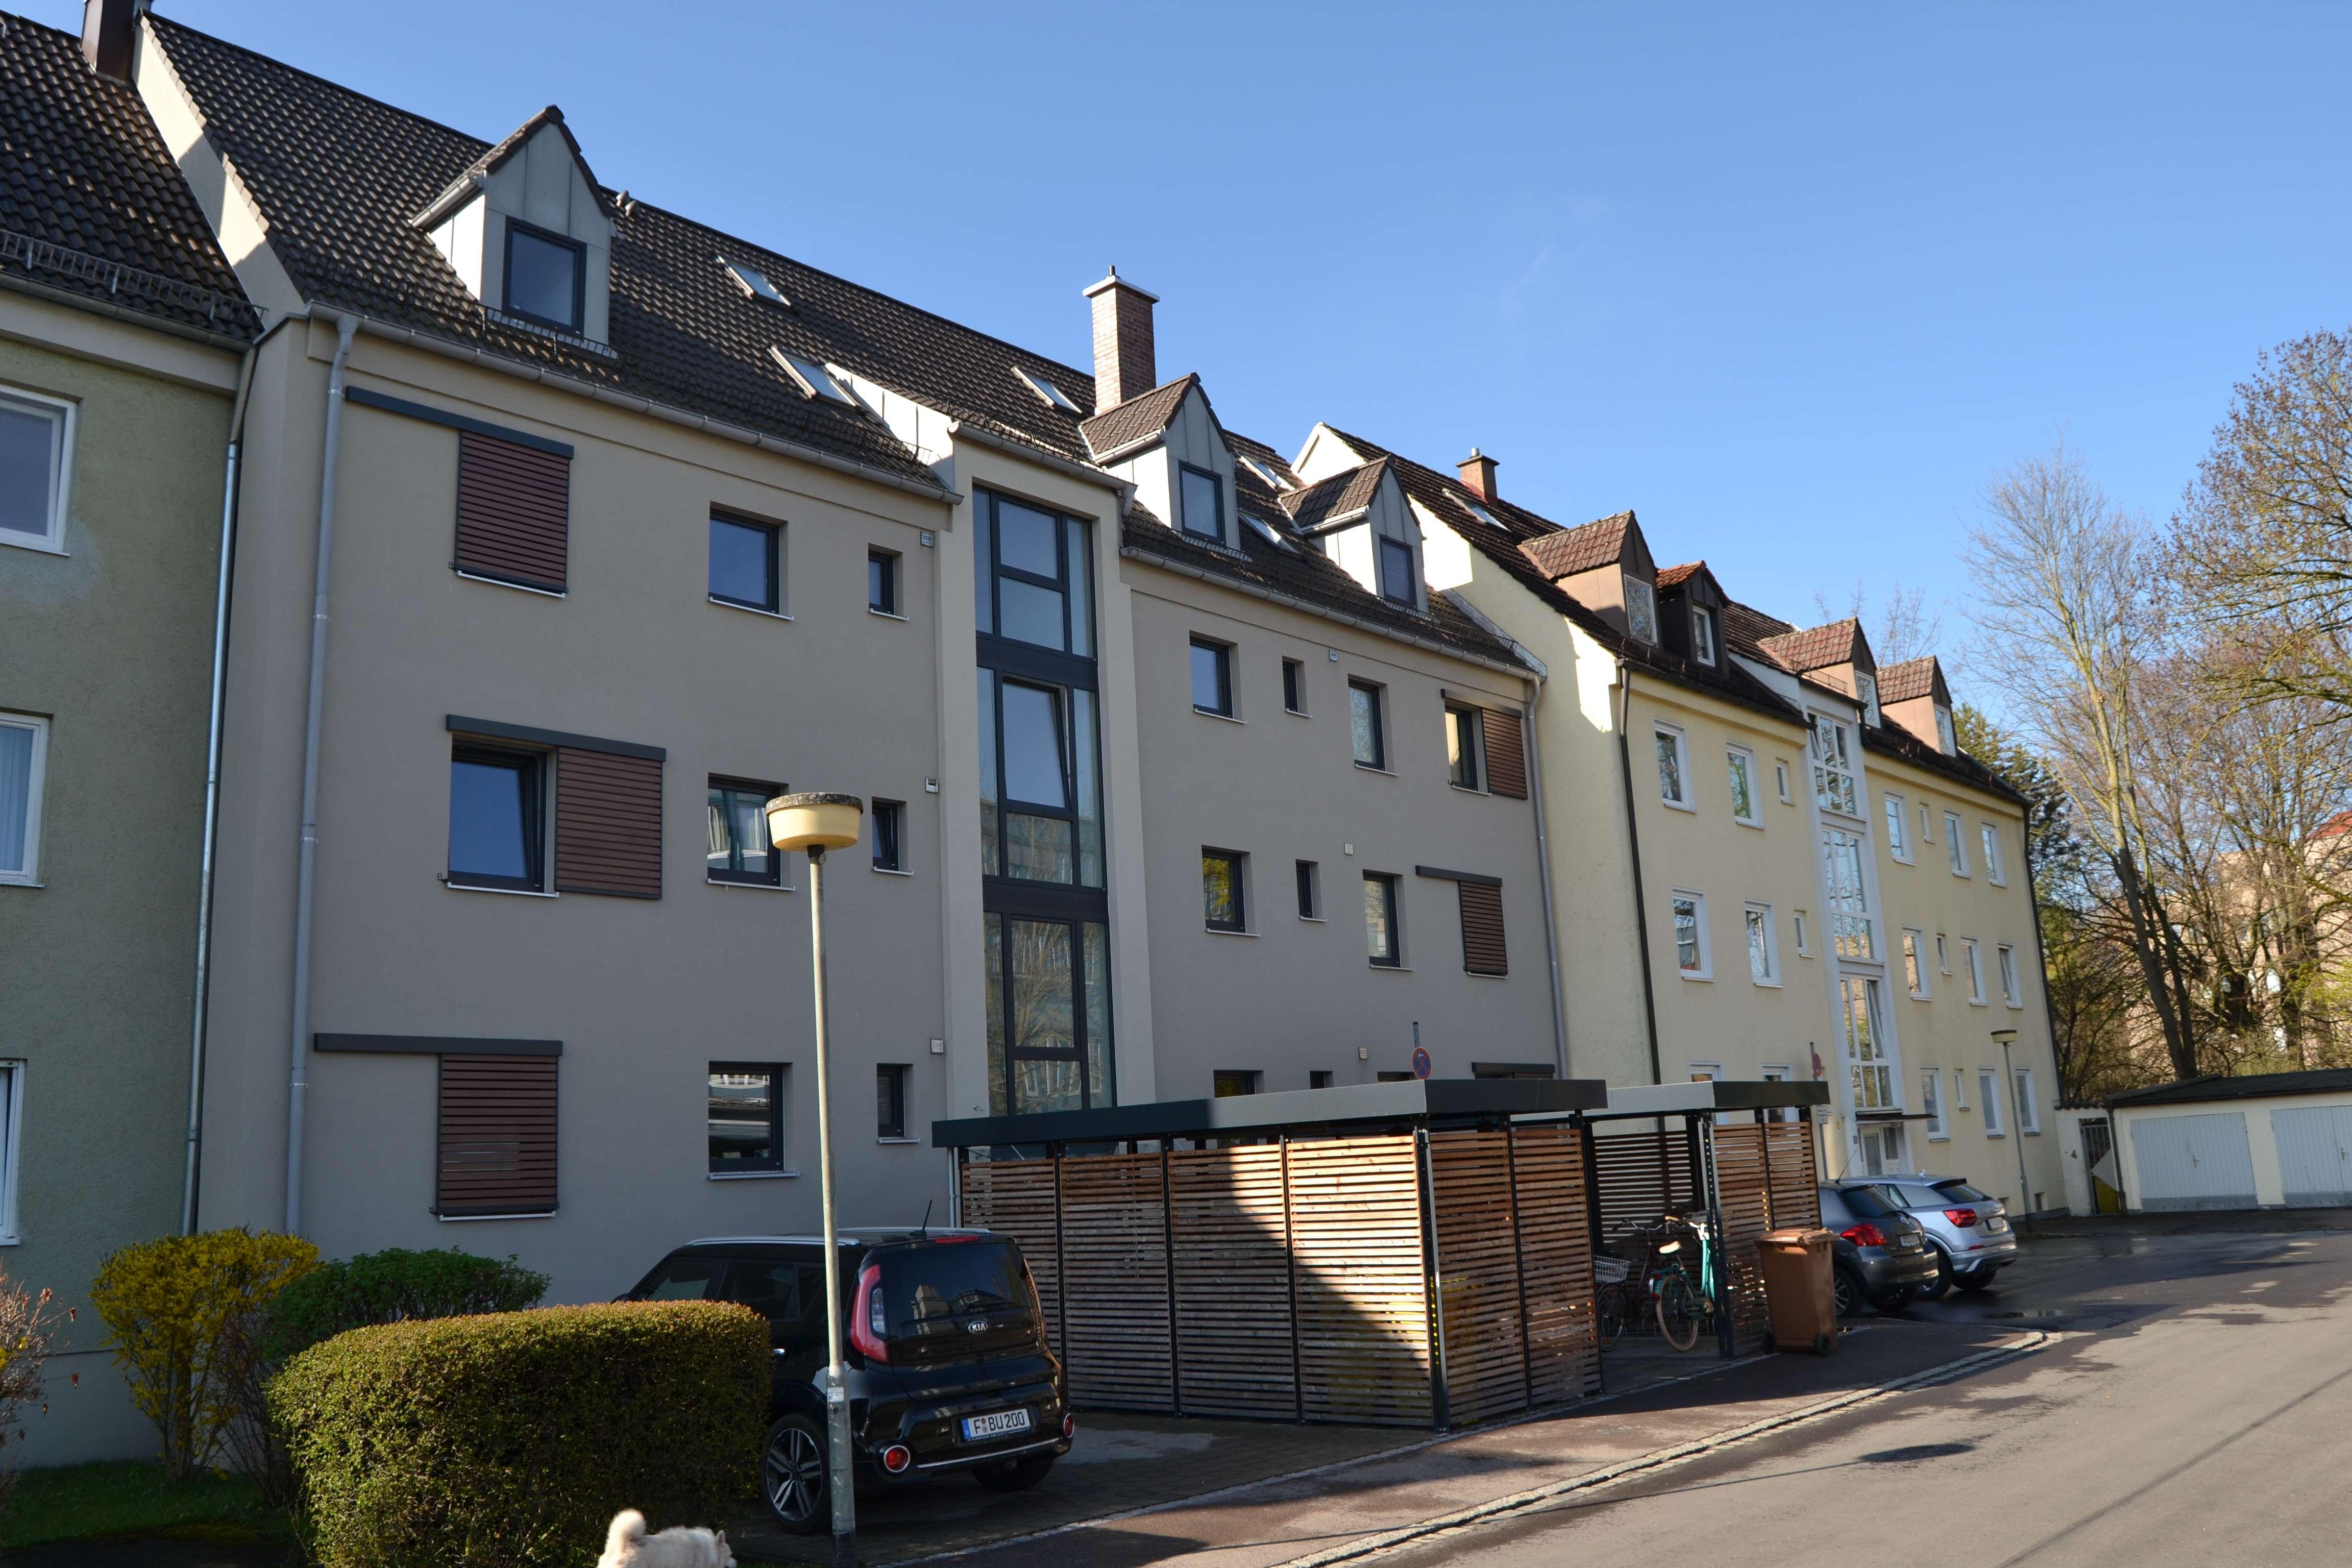 Jetzt schnell bewerben - Stilvolle 2-Zimmer-Wohnung im Herzen von Augsburg - ab November in Augsburg-Innenstadt